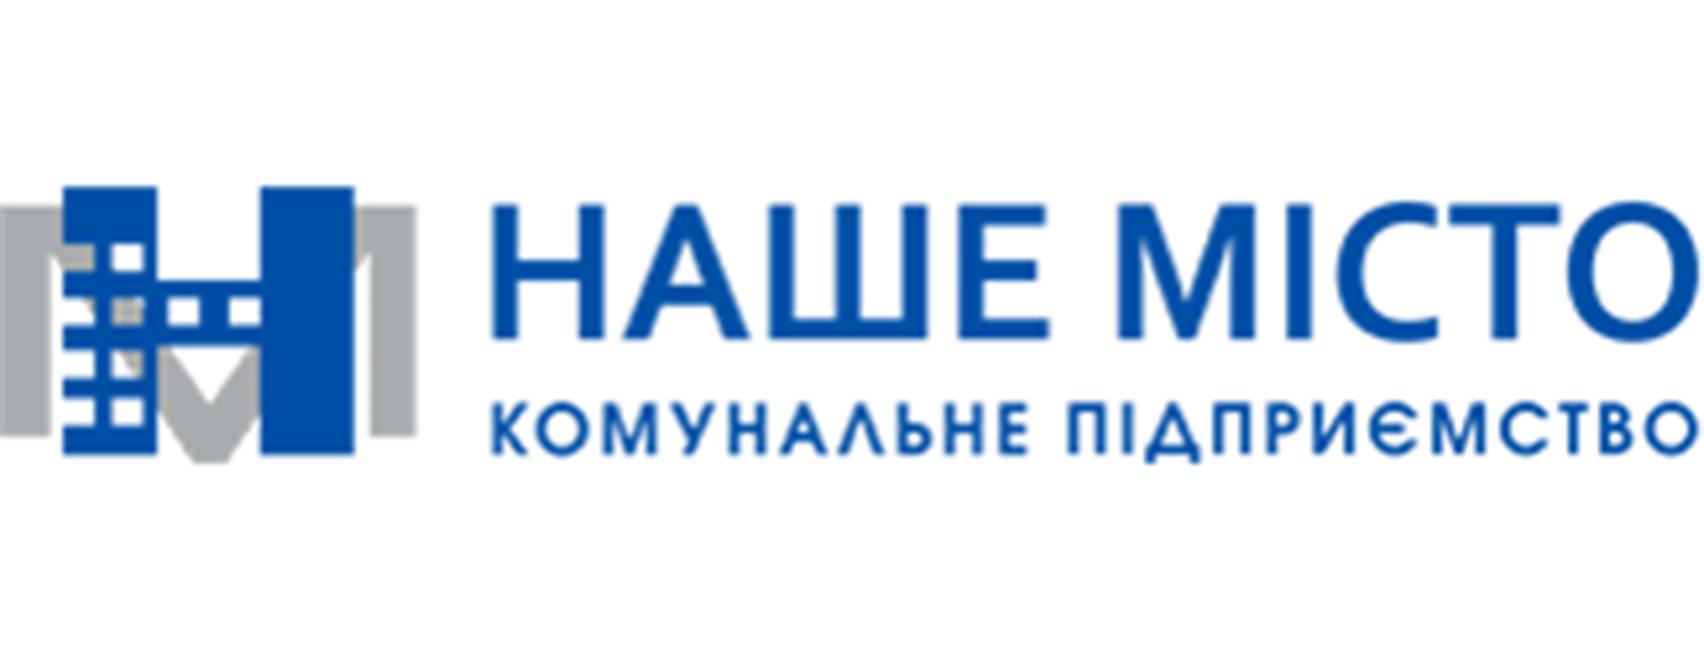 """КП """"Наше місто """" ЗМР  (електропостачання)"""